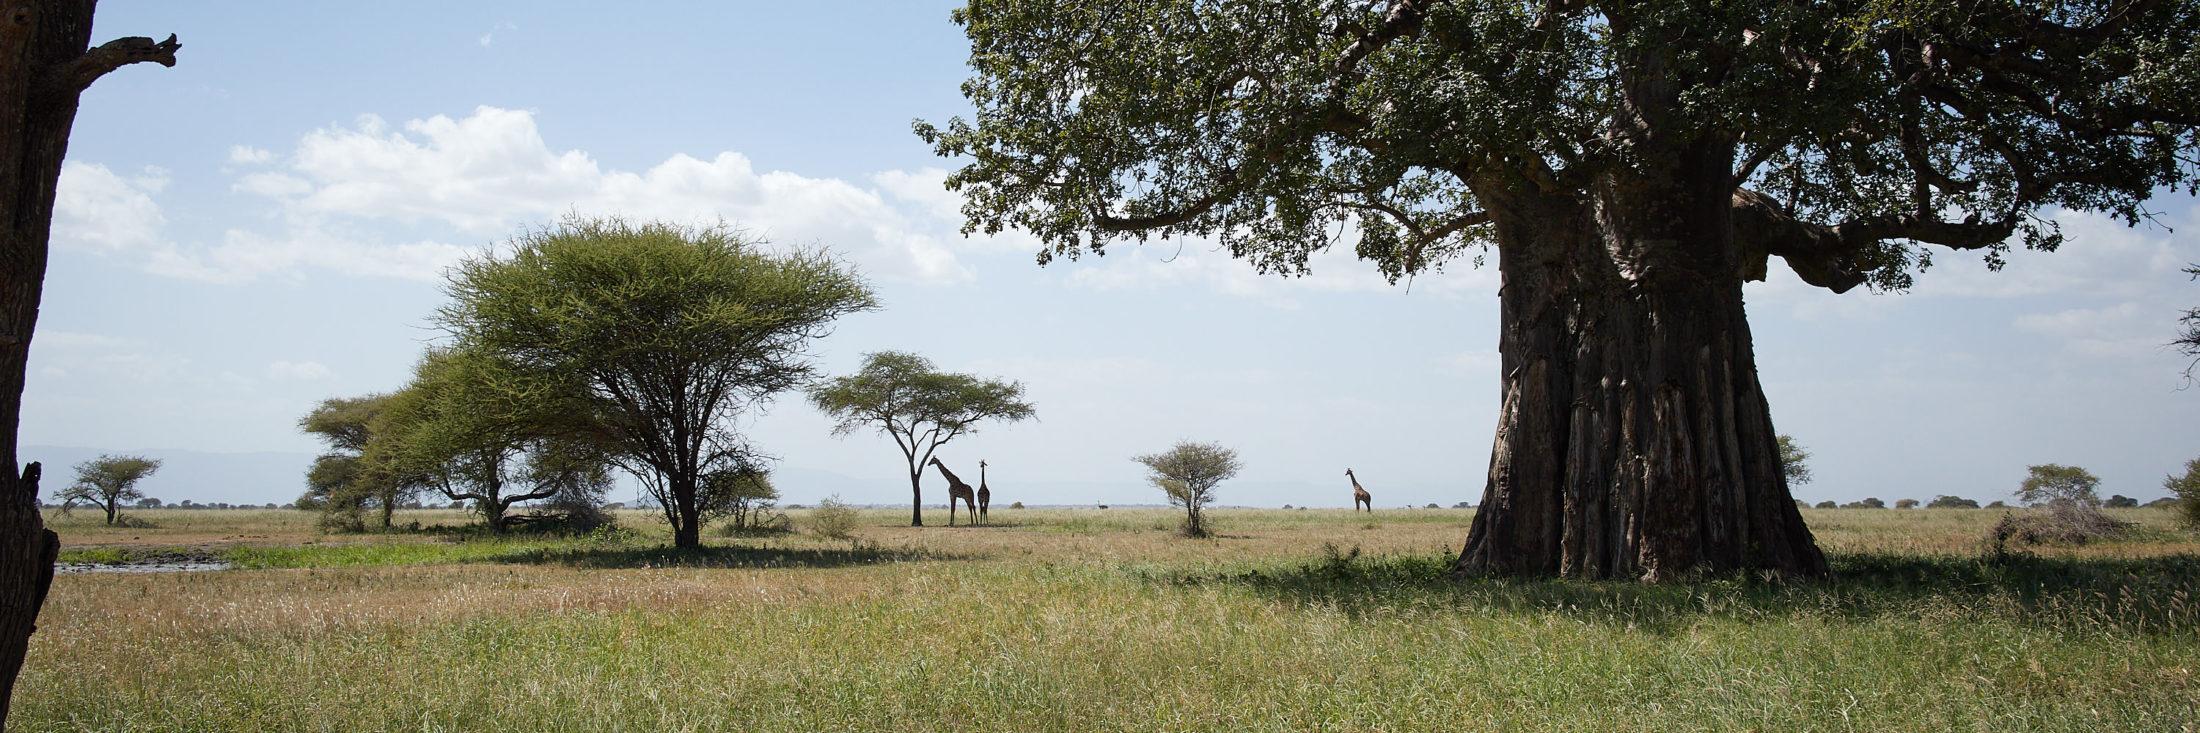 Weltenaeufer - Tanzania